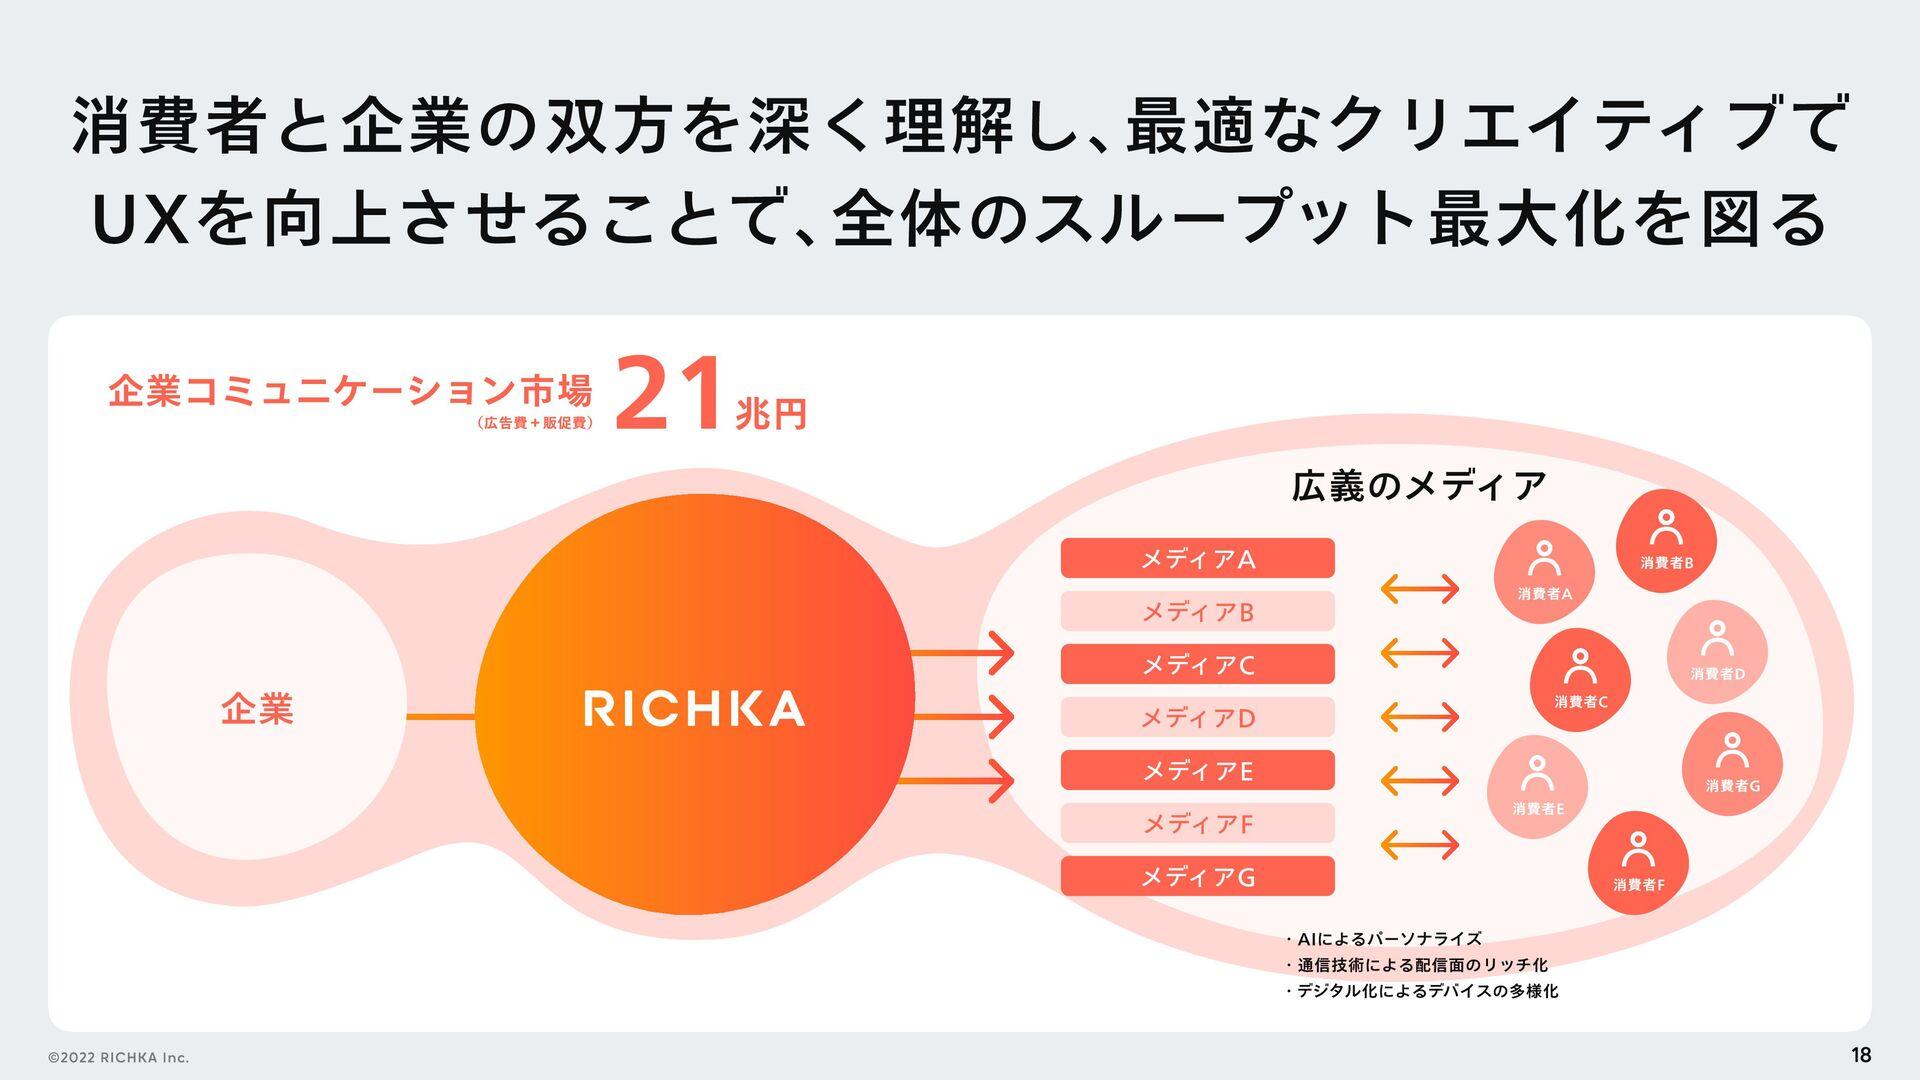 #メンバ−紹介 MF Building 3F, 1-6-12 Yoyogi, Shibuya-...